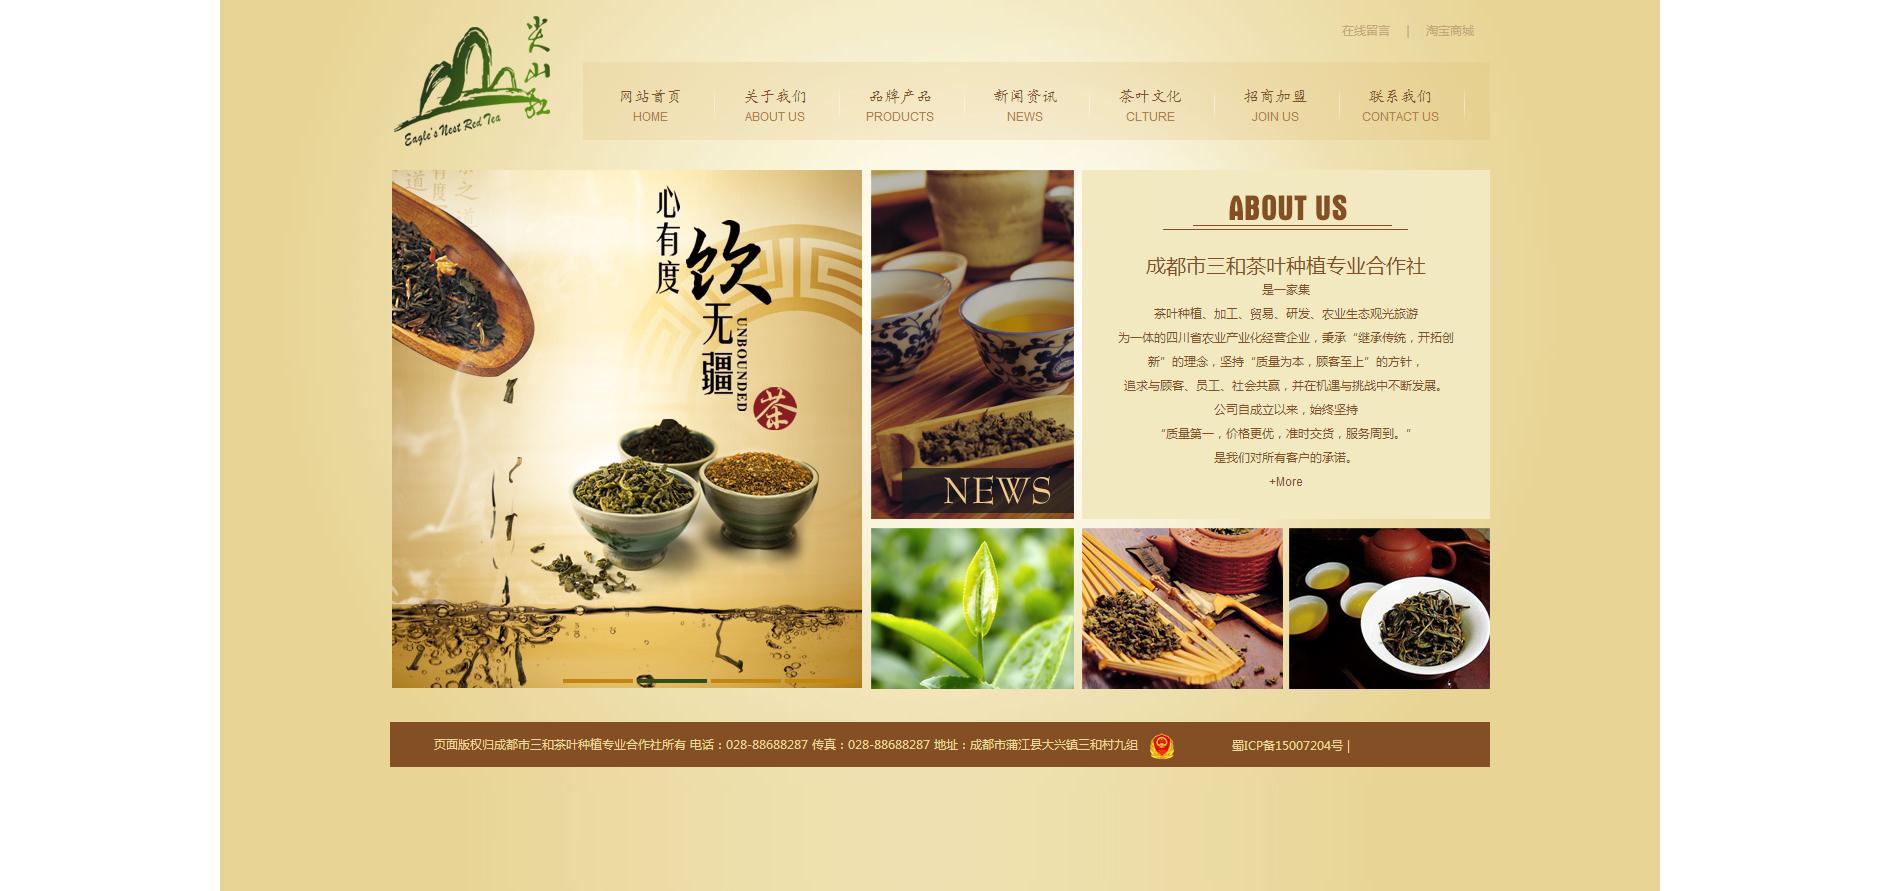 成都市三和茶叶种植专业合作社